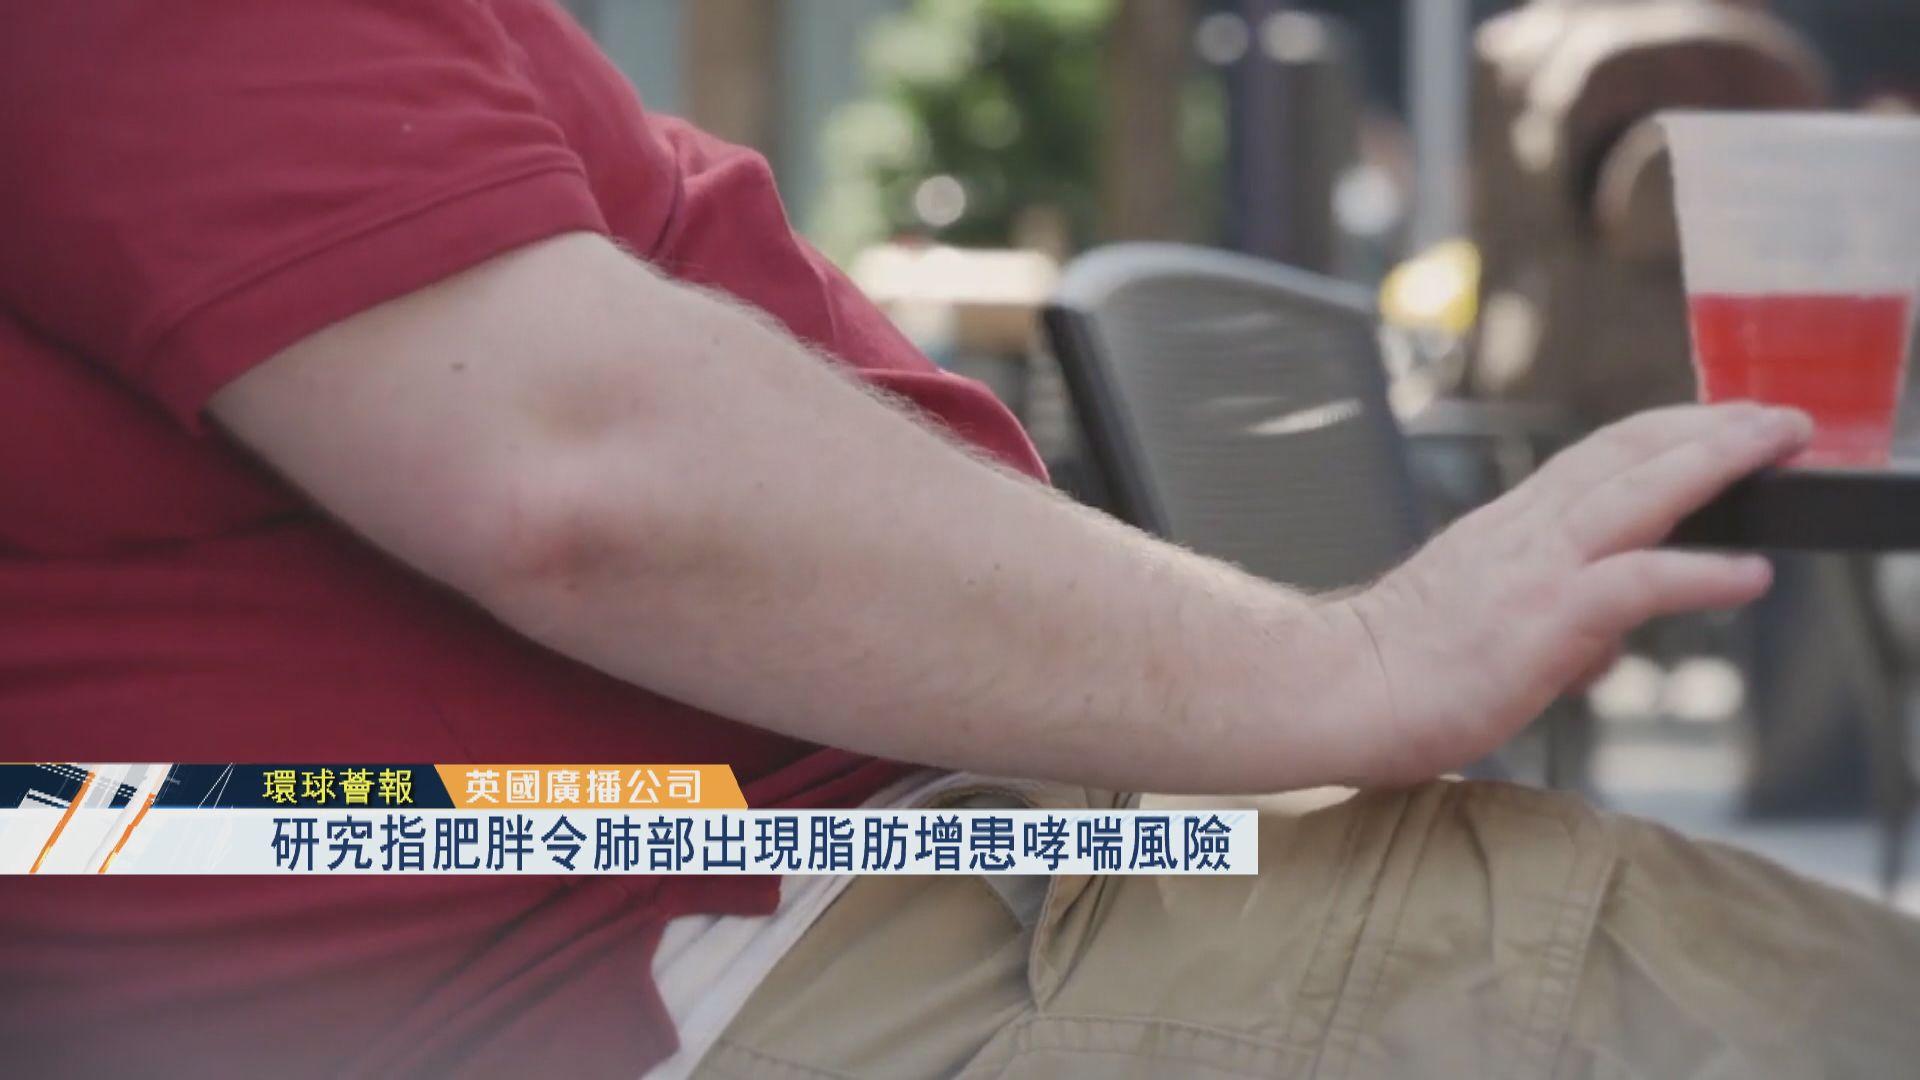 【環球薈報】研究指肥胖令肺部出現脂肪增患哮喘風險